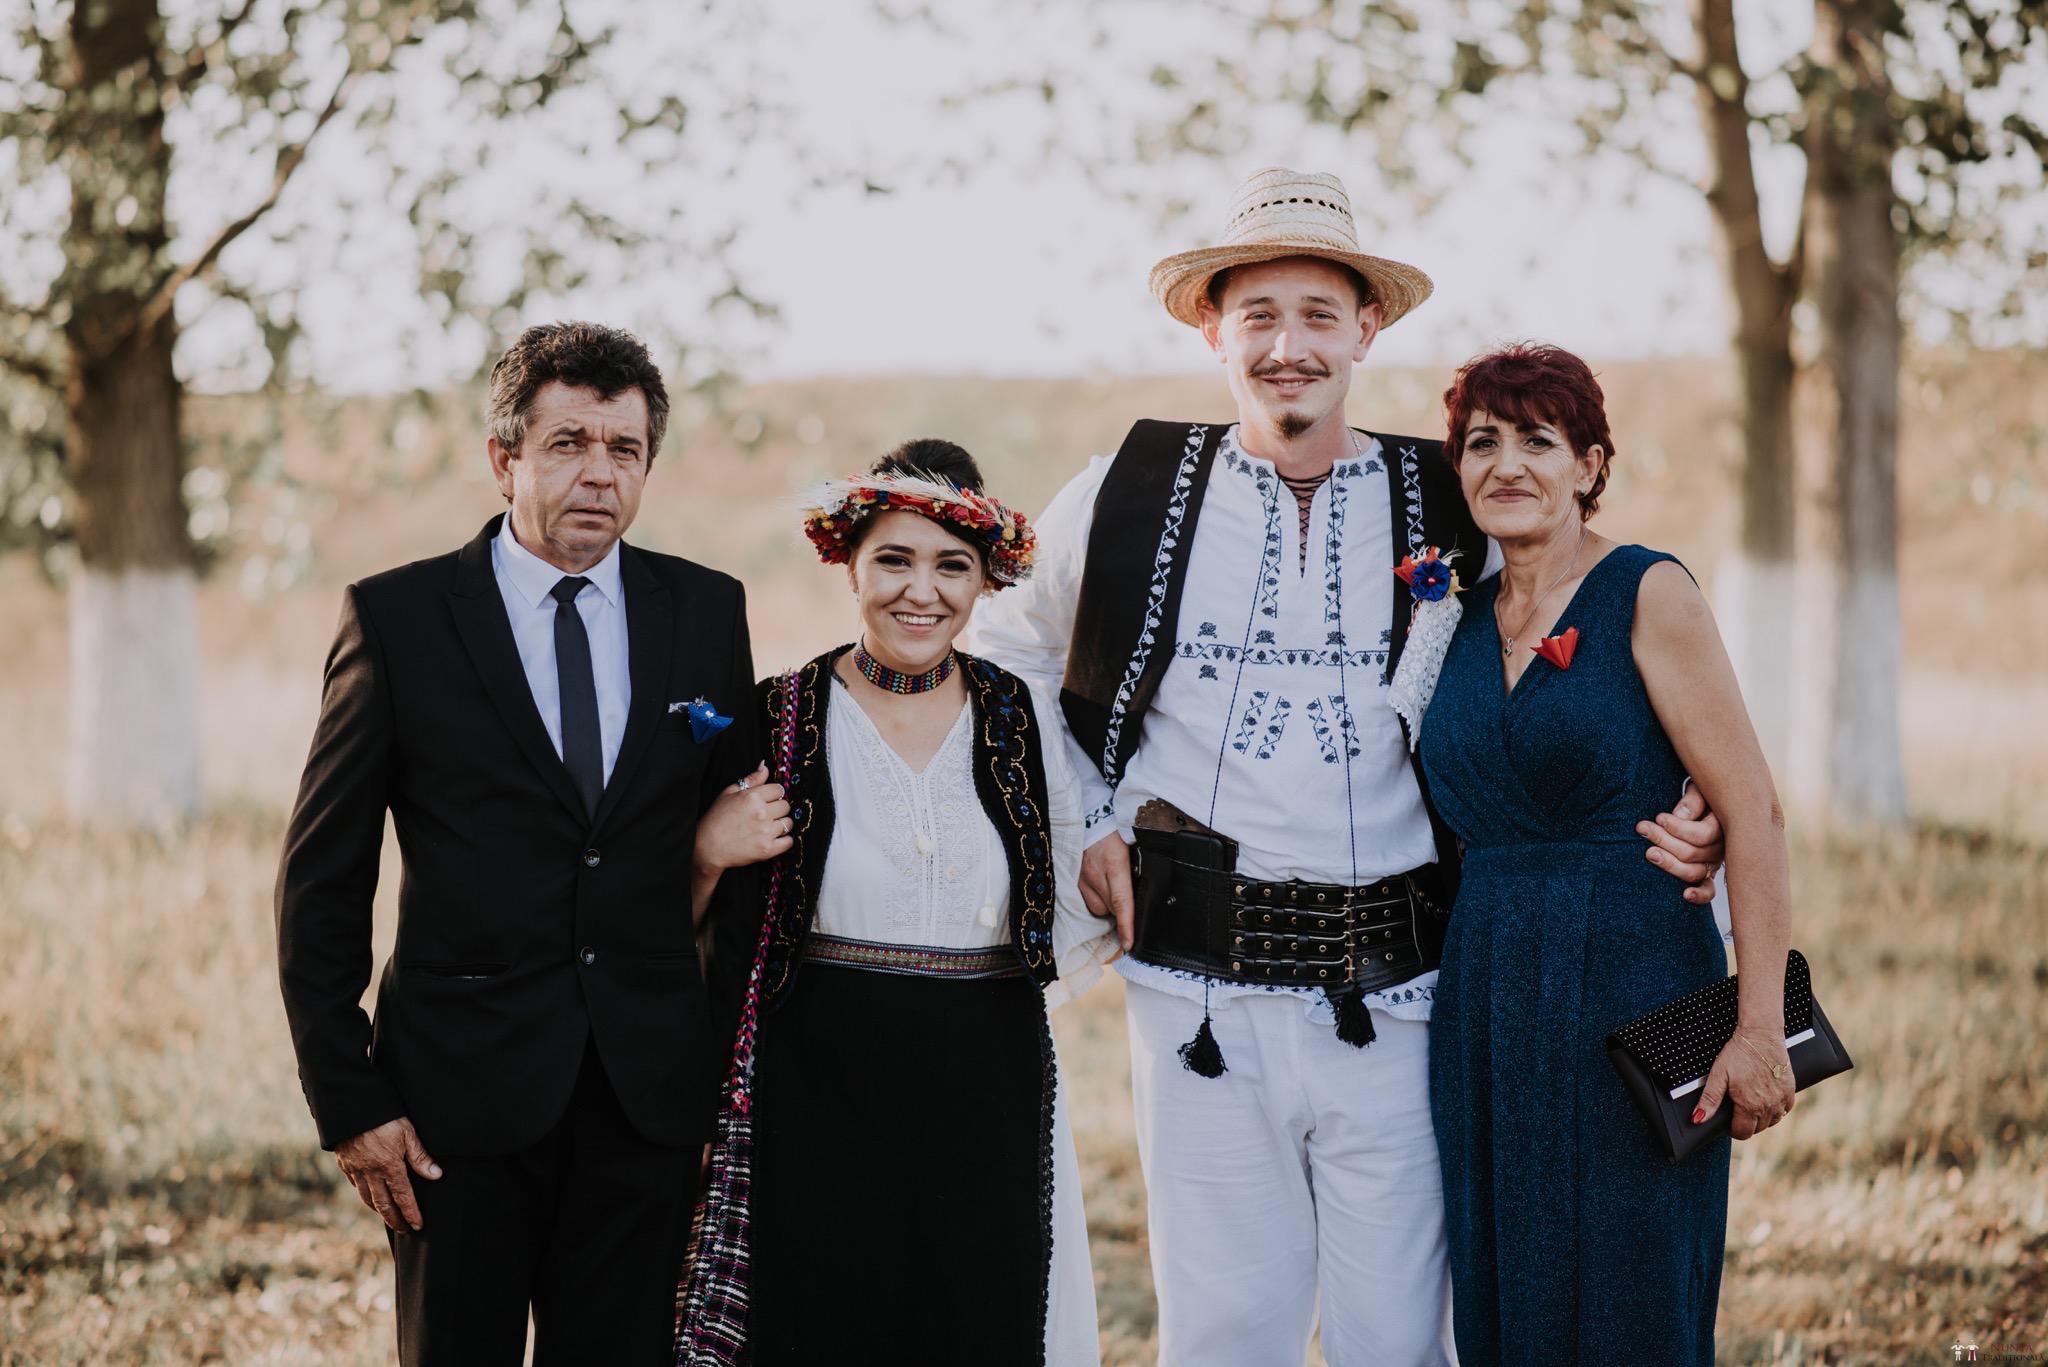 Povești Nunți Tradiționale - Silvia și Adrian. Nuntă tradițională în Ghighișeni, Bihor 90